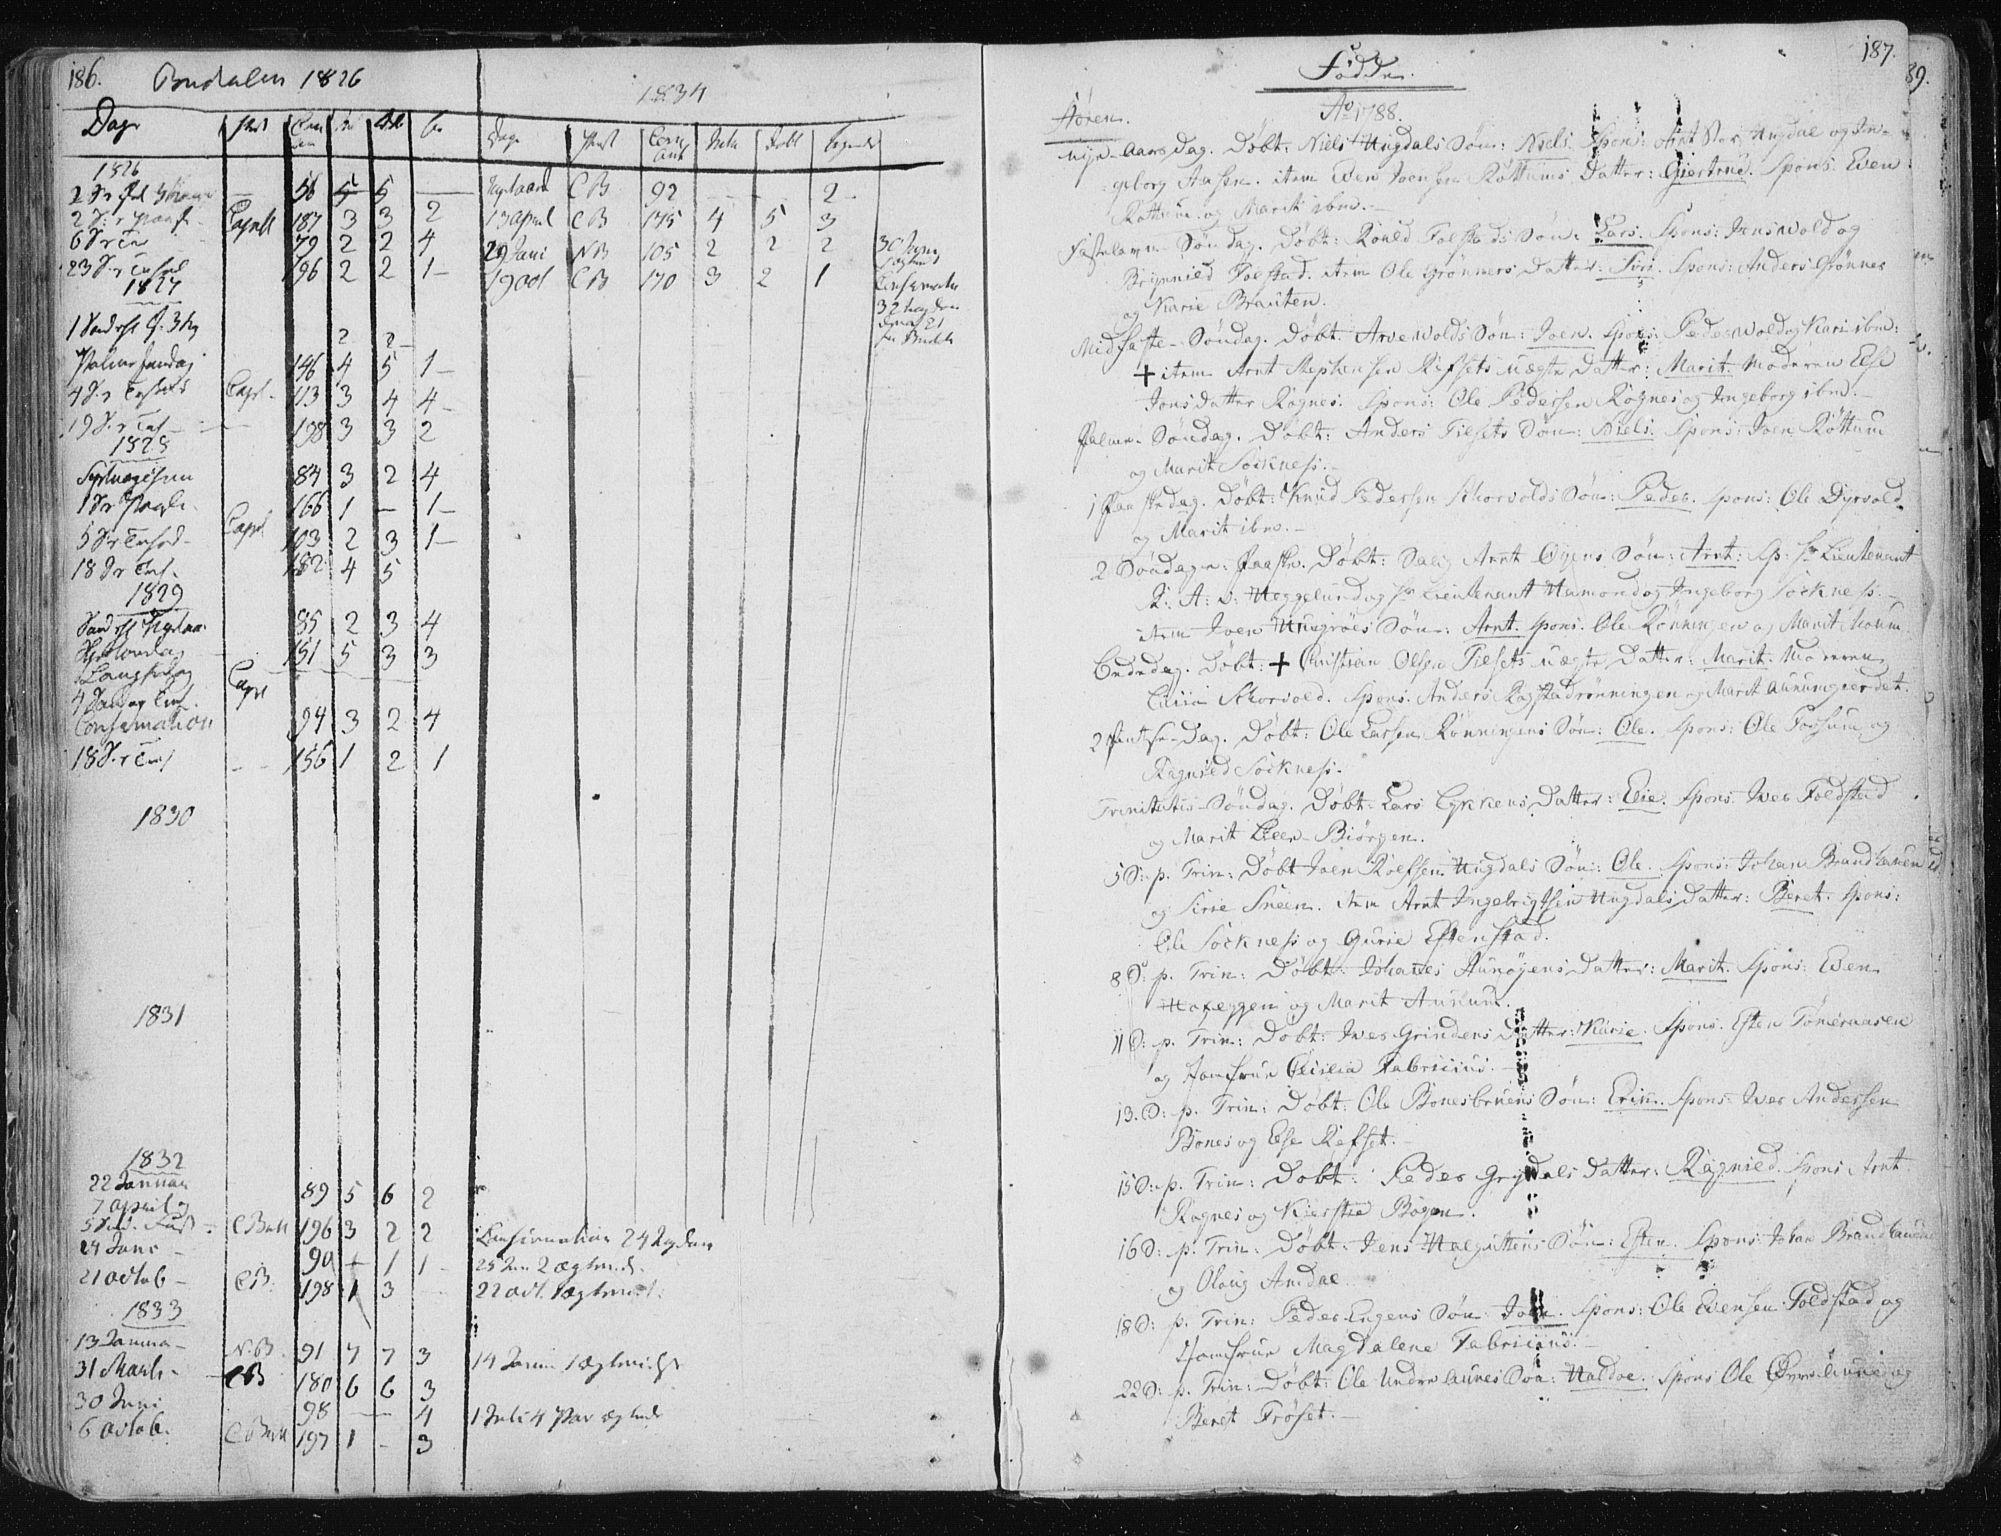 SAT, Ministerialprotokoller, klokkerbøker og fødselsregistre - Sør-Trøndelag, 687/L0992: Ministerialbok nr. 687A03 /1, 1788-1815, s. 186-187